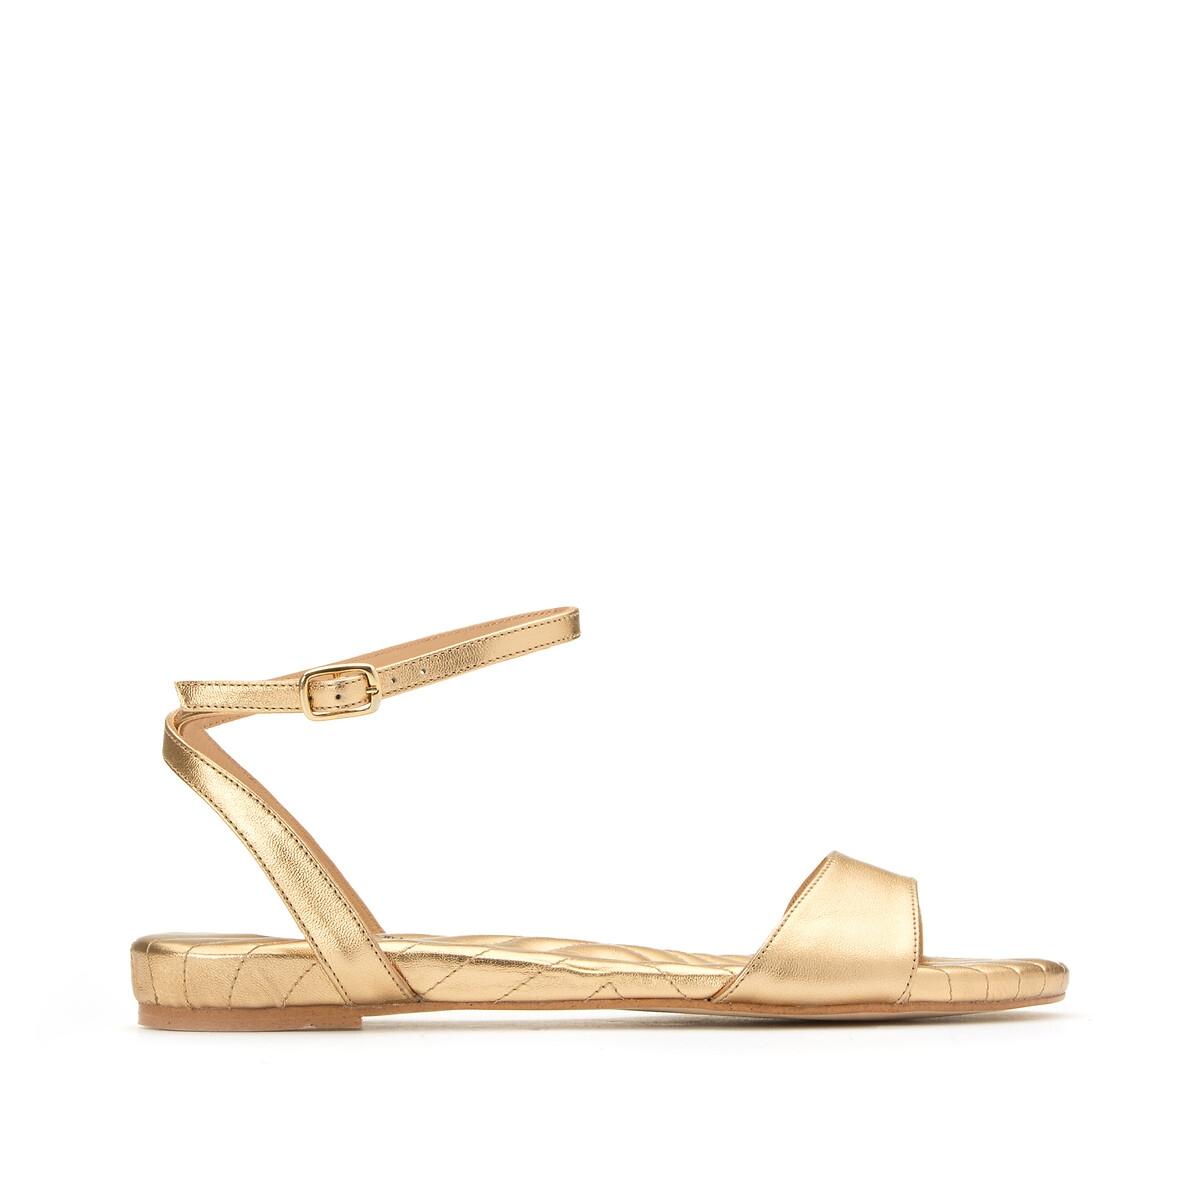 Фото - Босоножки LaRedoute Из кожи на плоском каблуке 39 золотистый сандалии la redoute из кожи с перекрещенными ремешками на плоском каблуке 39 розовый